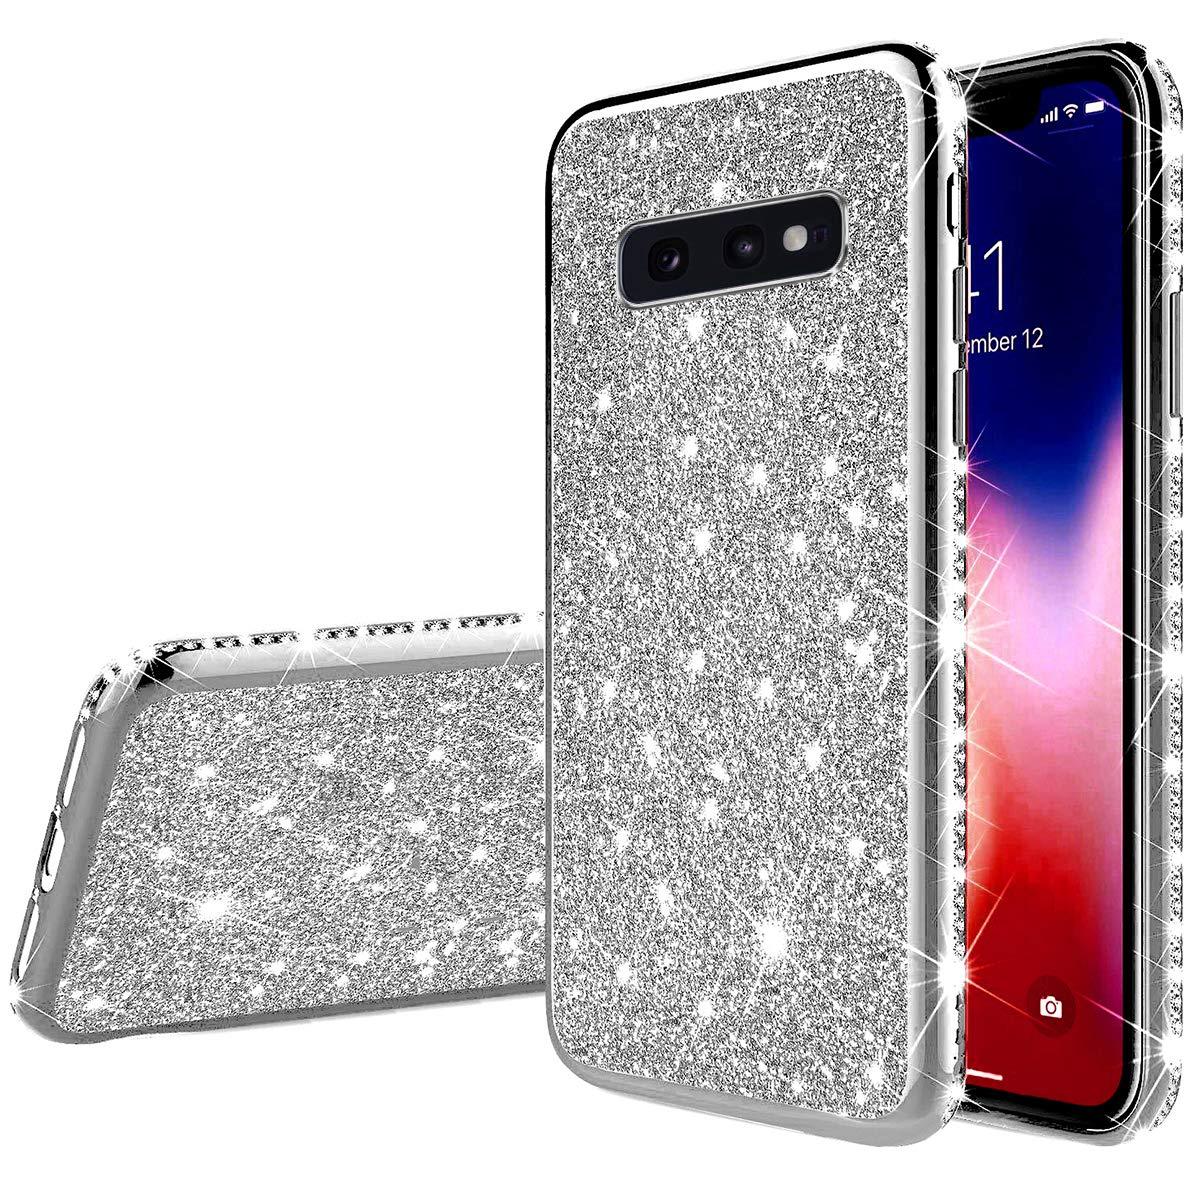 Ysimee Compatible avec Coque Samsung Galaxy S10e Paillette Glitter Brillant Strass Housse en Silicone Cristal Transparent Case Ultra Slim Souple Etui de Protection Absorption des Chocs Bumper,Argent